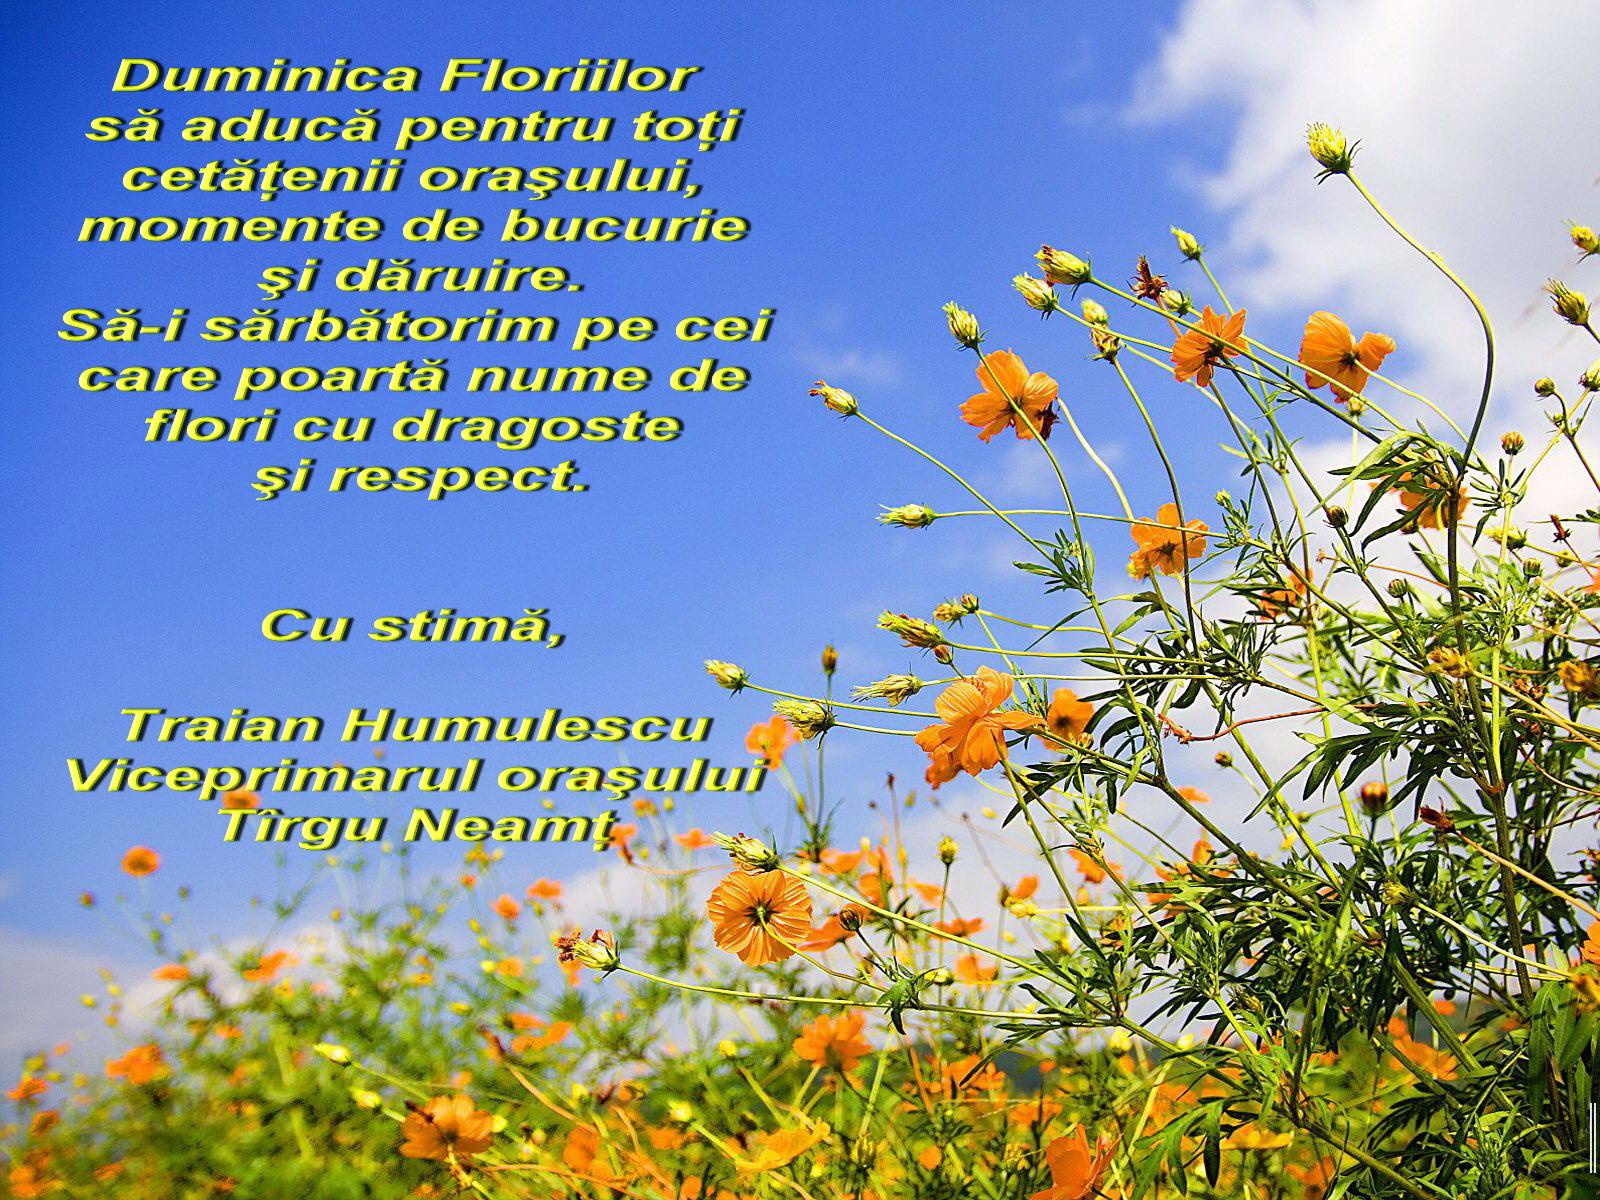 felicitari de ziua floriilor Felicitare de Florii   Traian Humulescu, viceprimarul orasului  felicitari de ziua floriilor